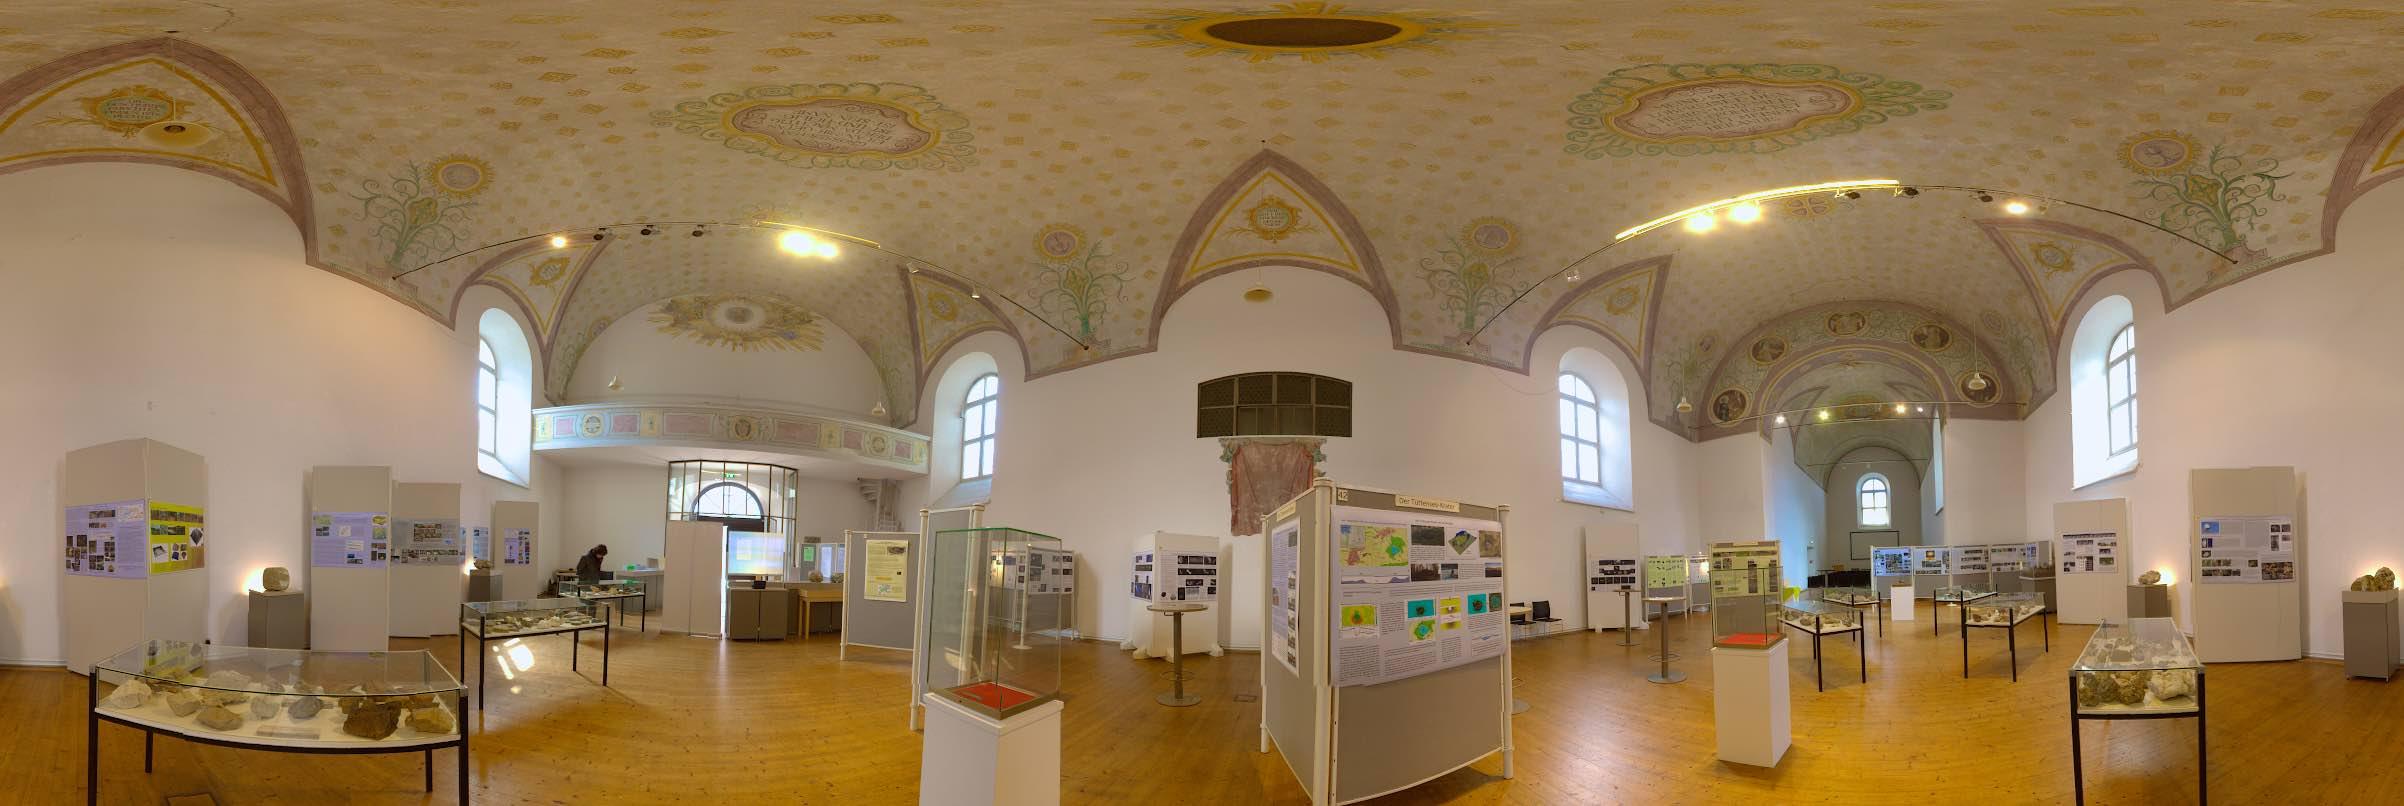 Kunstraum Klosterkirche Traunstein Chiemgau-Komet